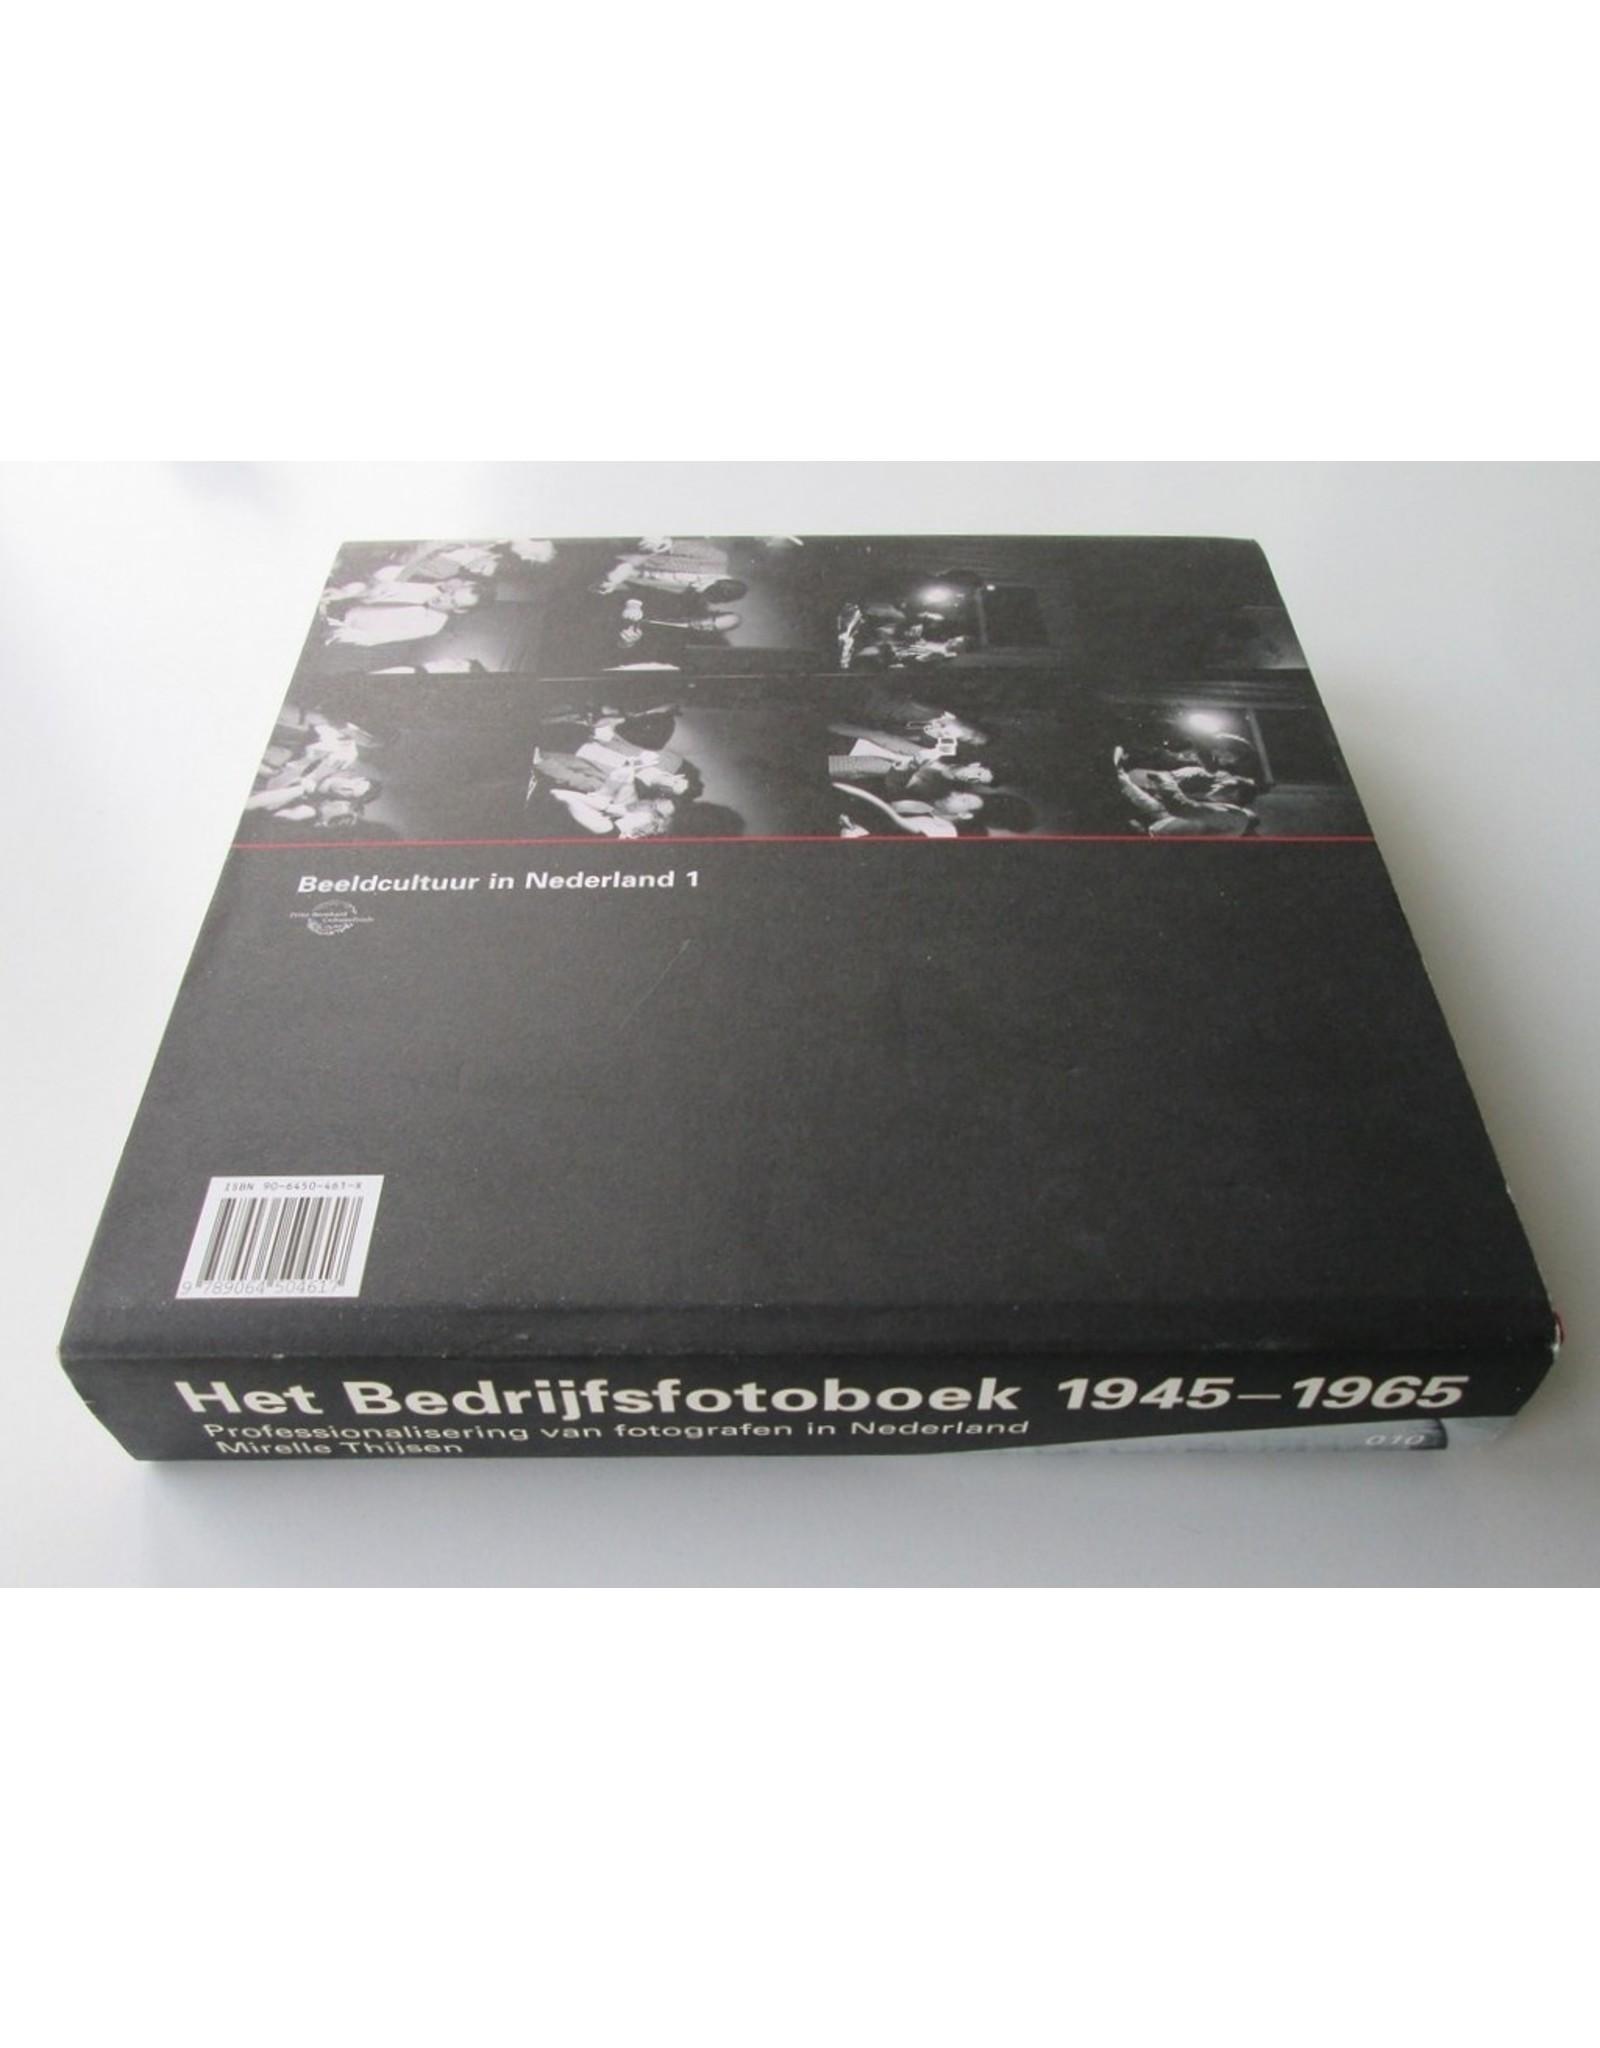 Mirelle Thijsen - Het Bedrijfsfotoboek 1945-1965: Professionalisering van fotografen in Nederland